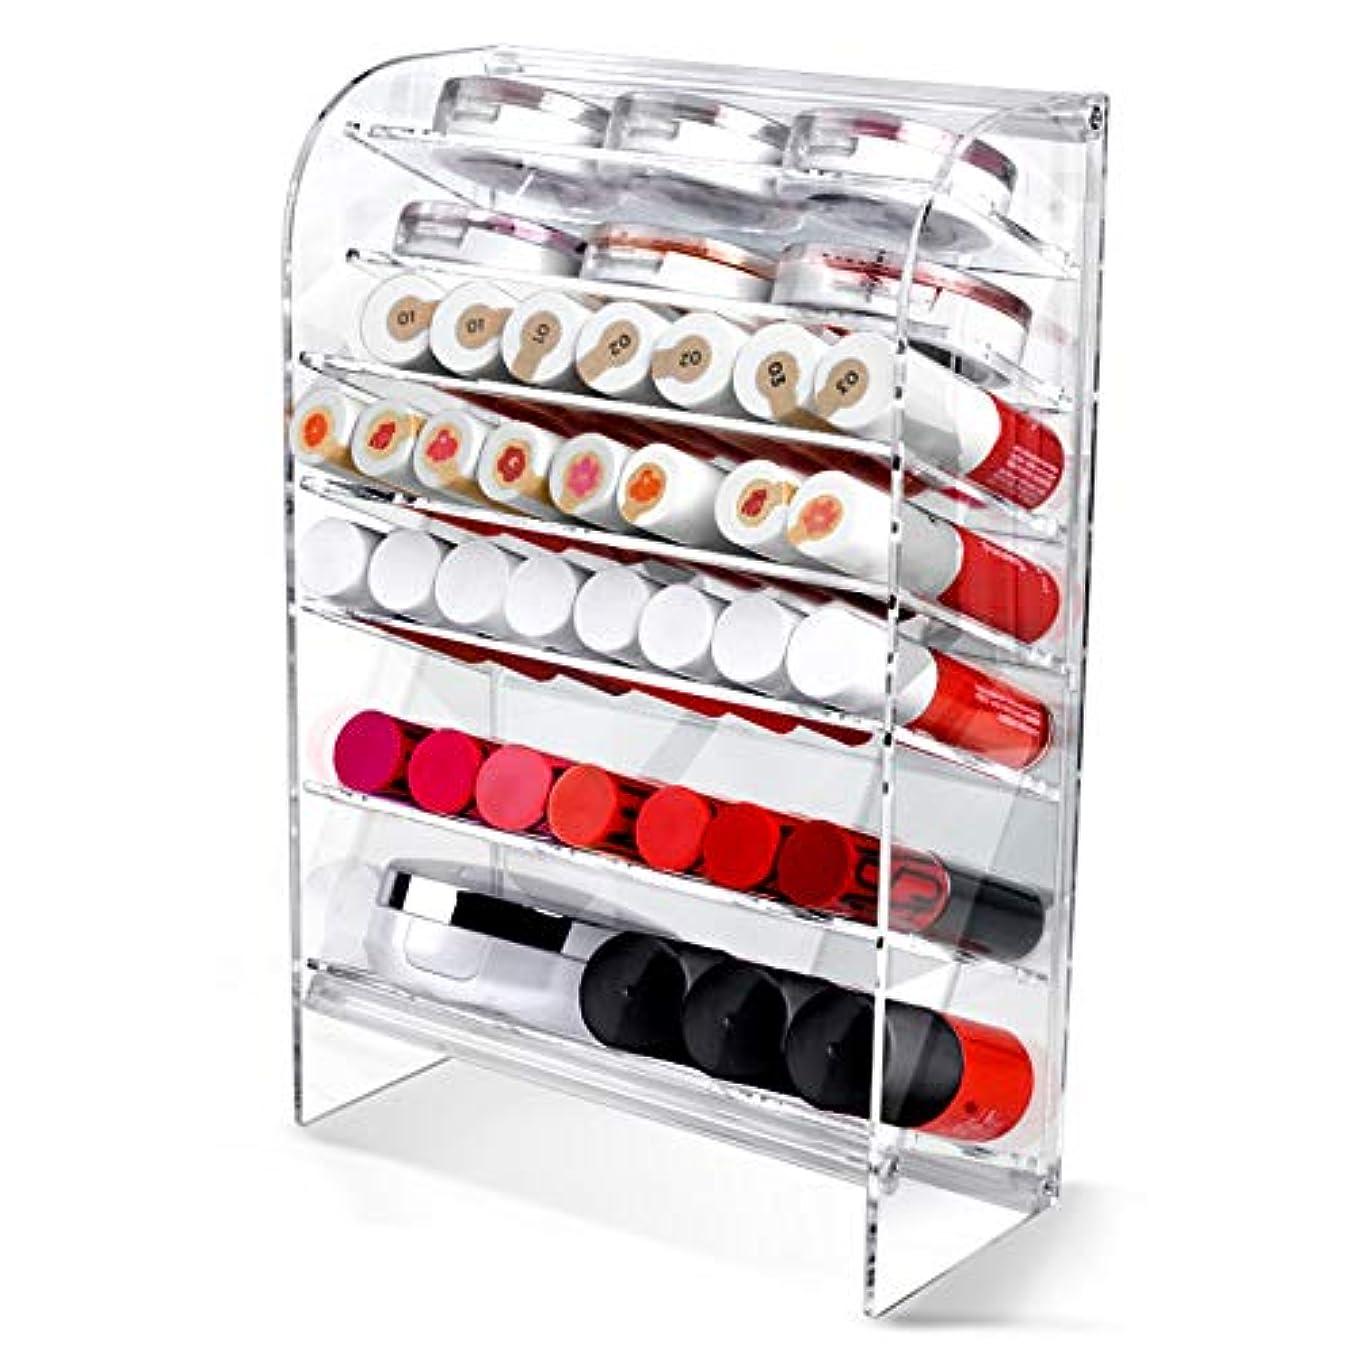 ブース初心者位置するAcrylic アクリル DIY Cosmetic 透明 コスメケース メイクケース メイクボックス 化粧品 入れ コスメ リップスティック 収納 スタンド/Organizer storage For lipstick...